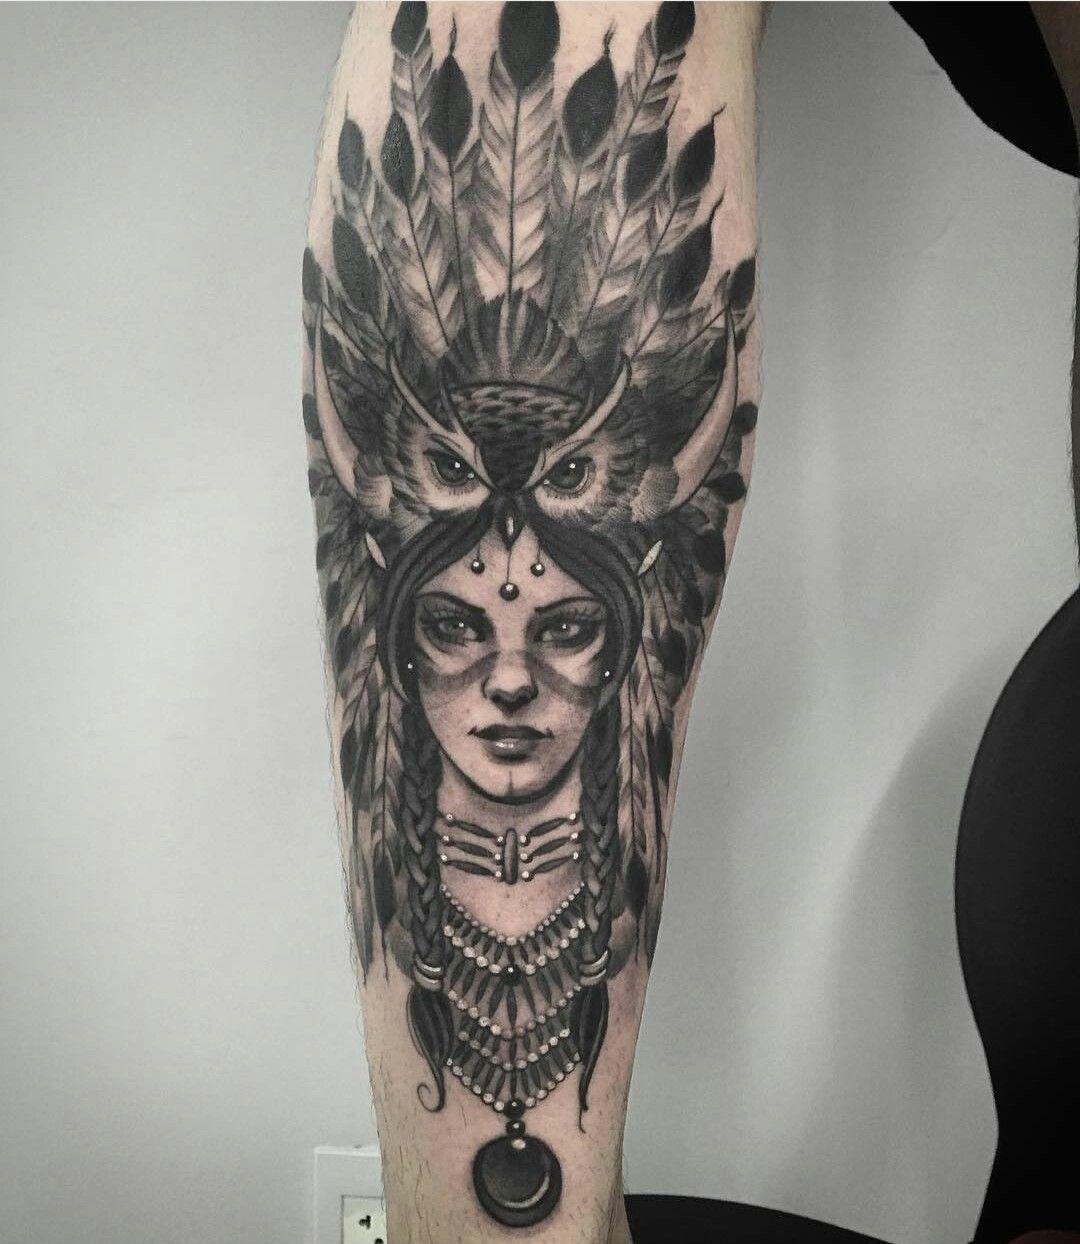 Tatuagem brao tatoo pinterest tatuagem brao brao e tatuagens tatuagem brao altavistaventures Gallery